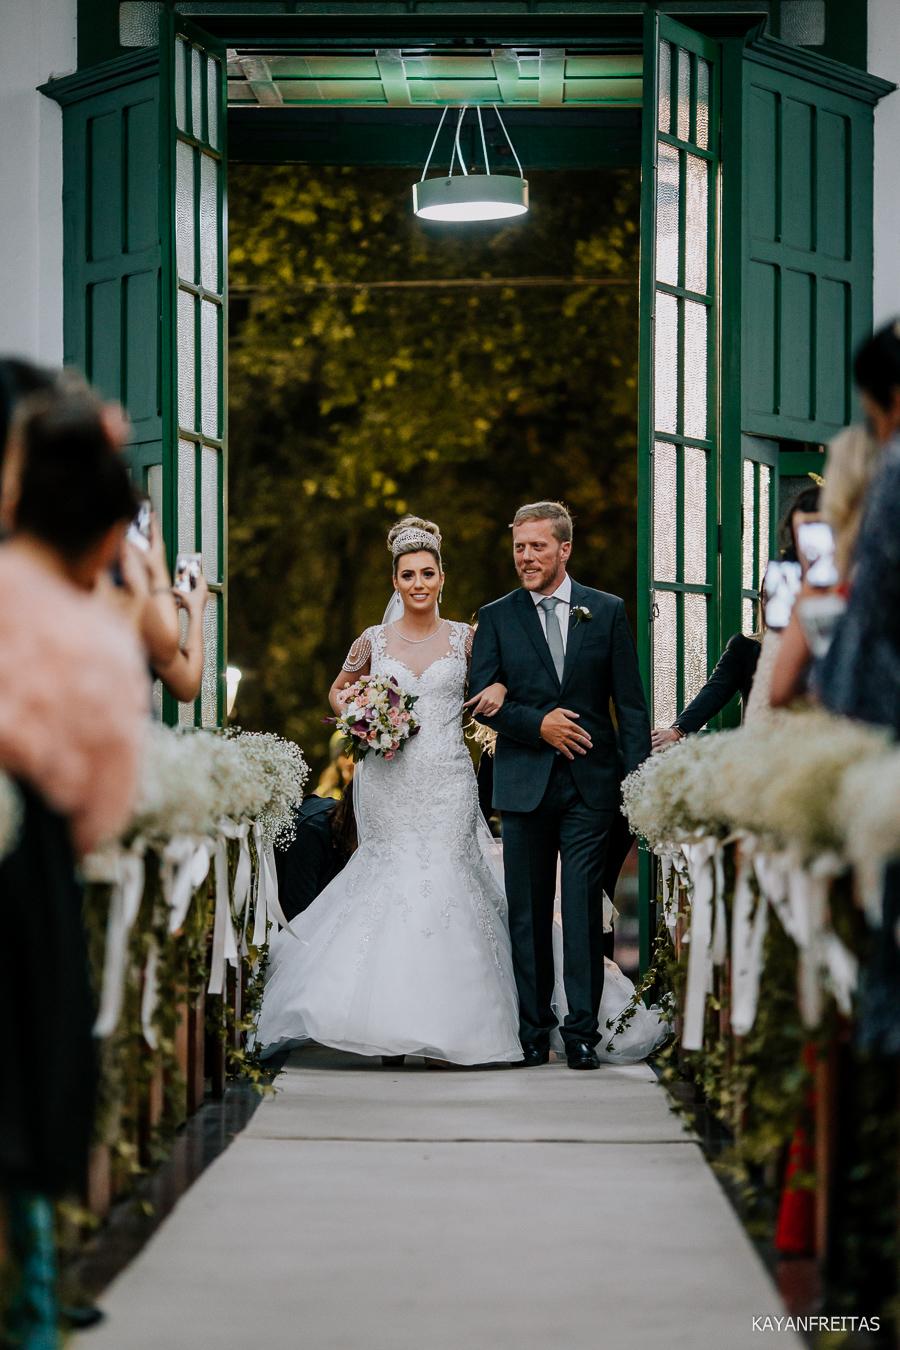 casamento-condominio-koerich-0054 Casamento Giani e Felipe - Condomínio Koerich